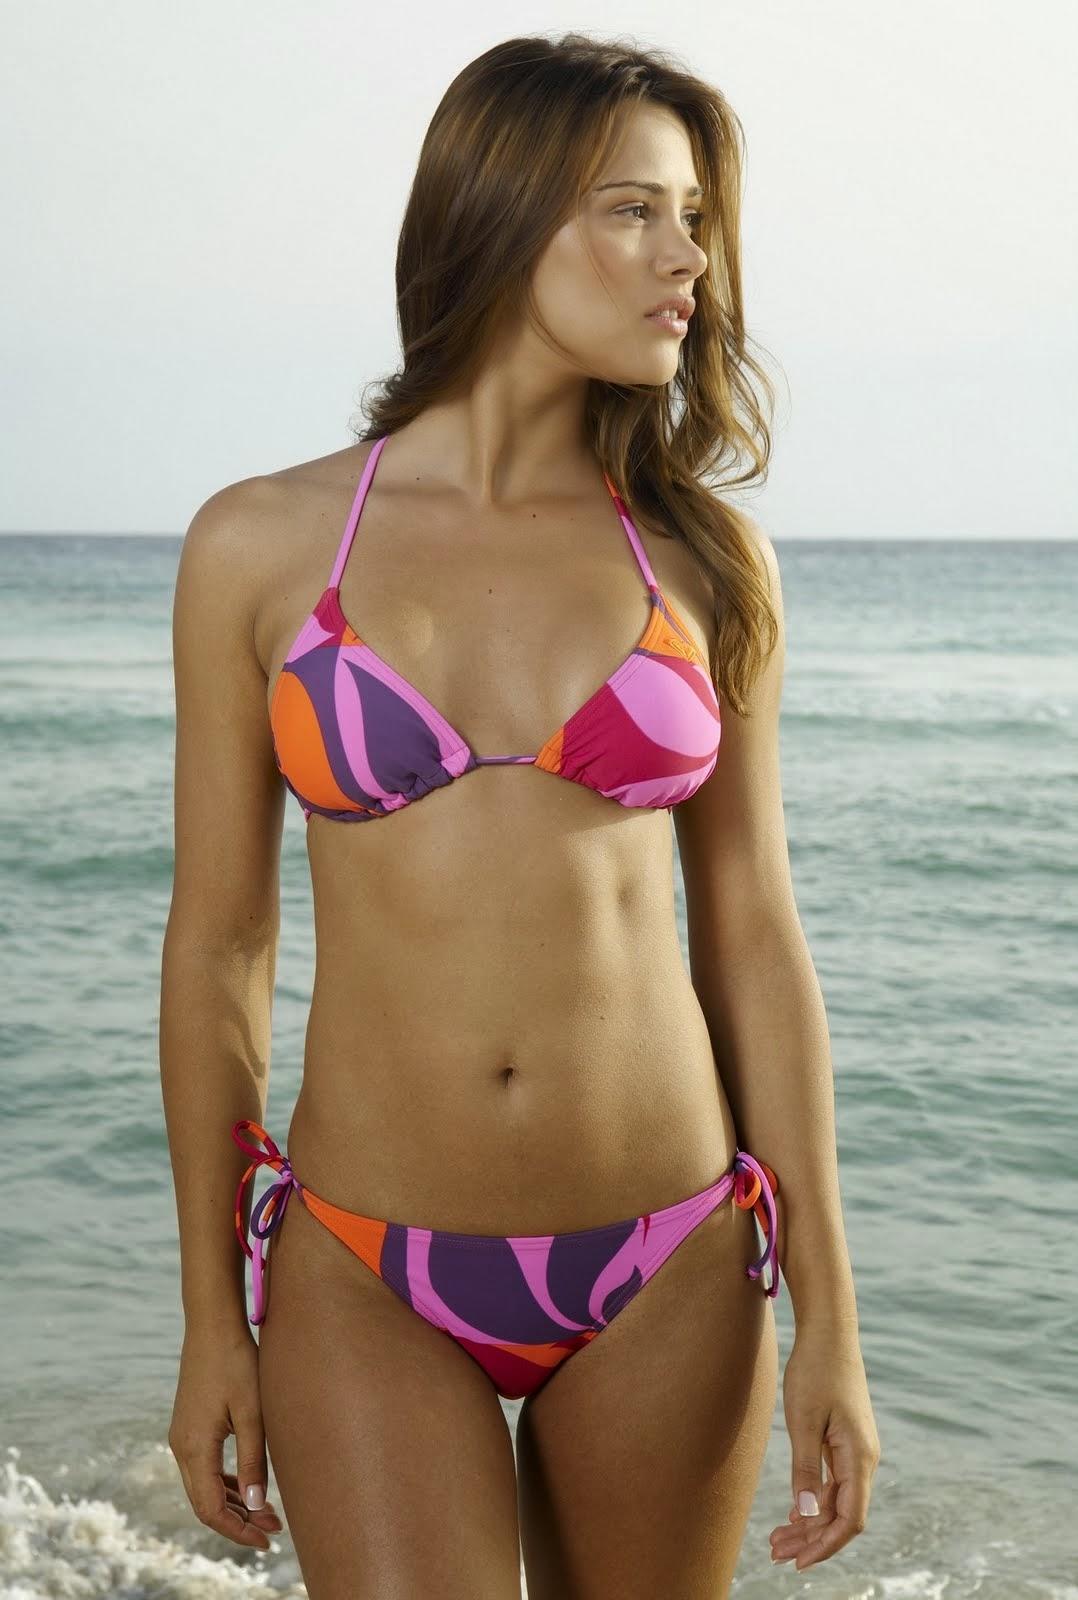 Alina vacariu bikini